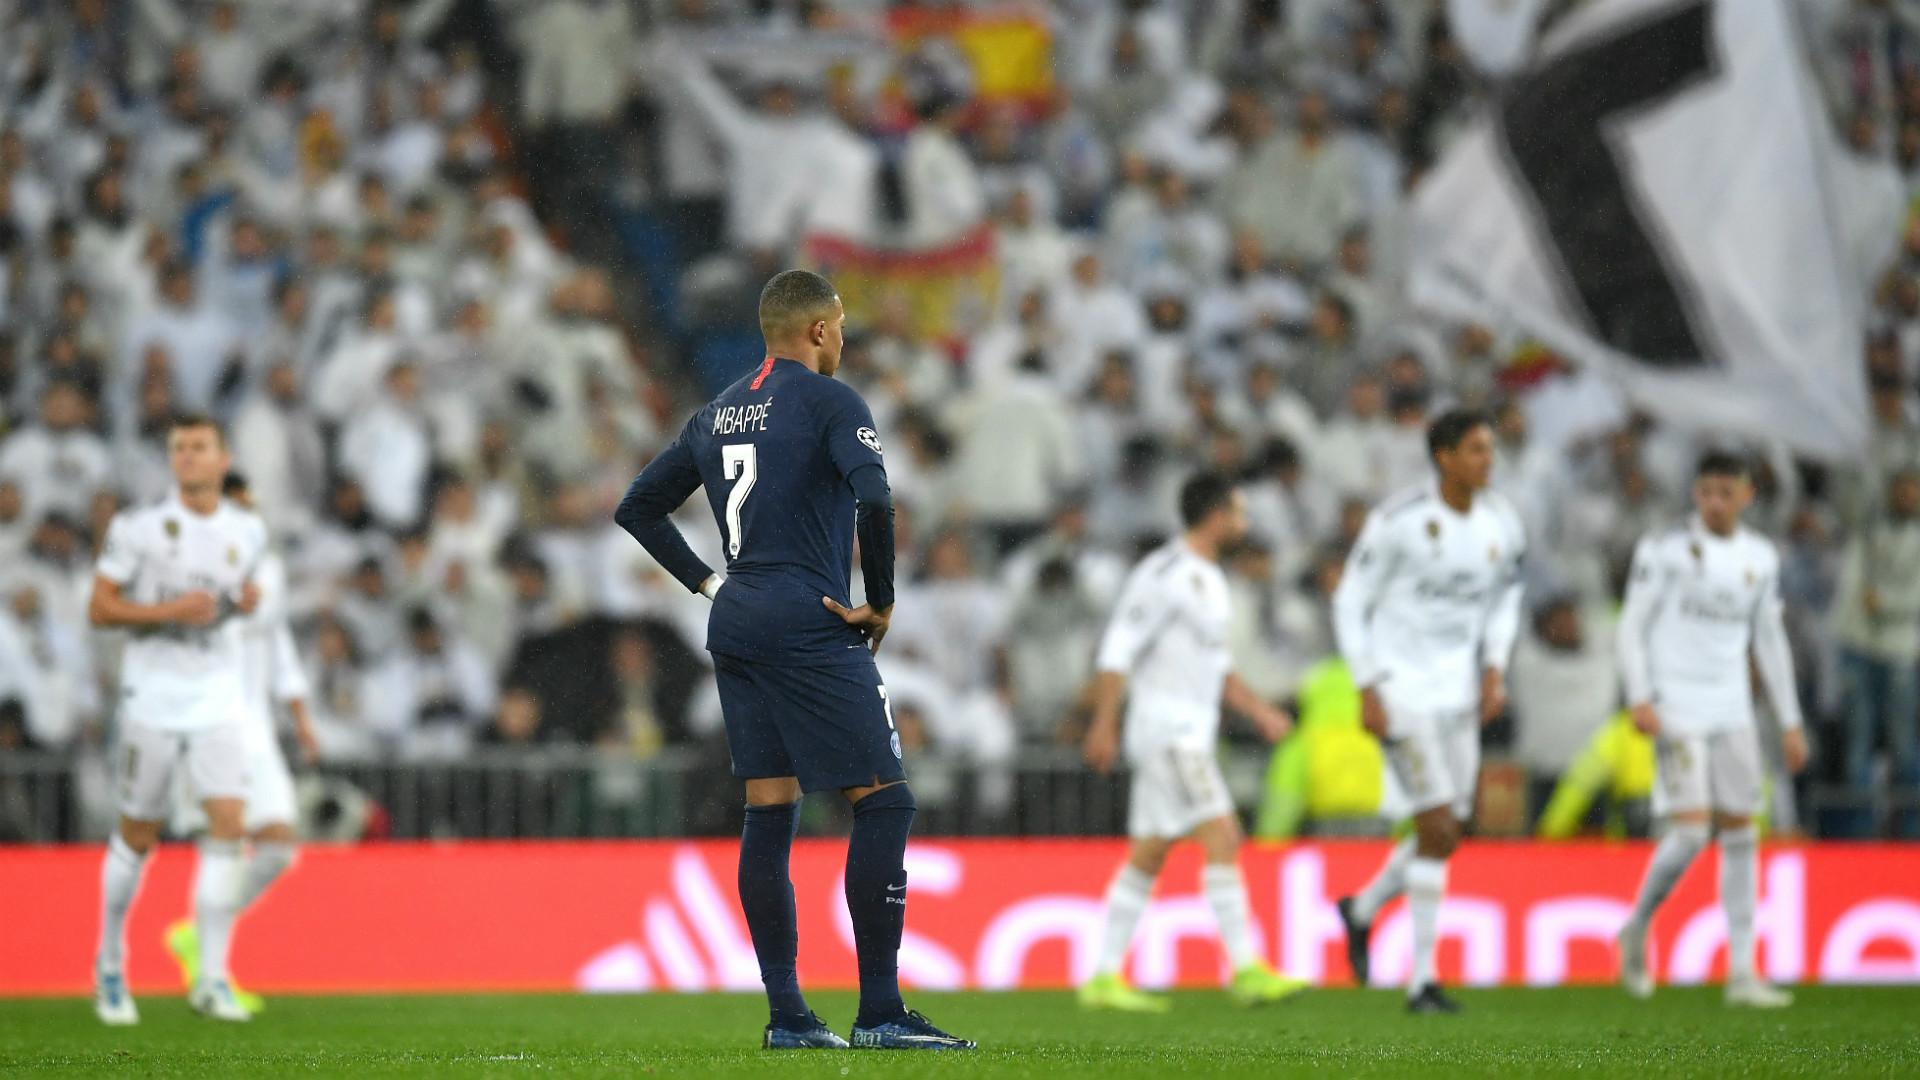 Mercato - PSG : Mbappé, le Real s'est-il fait une raison pour cet été ?